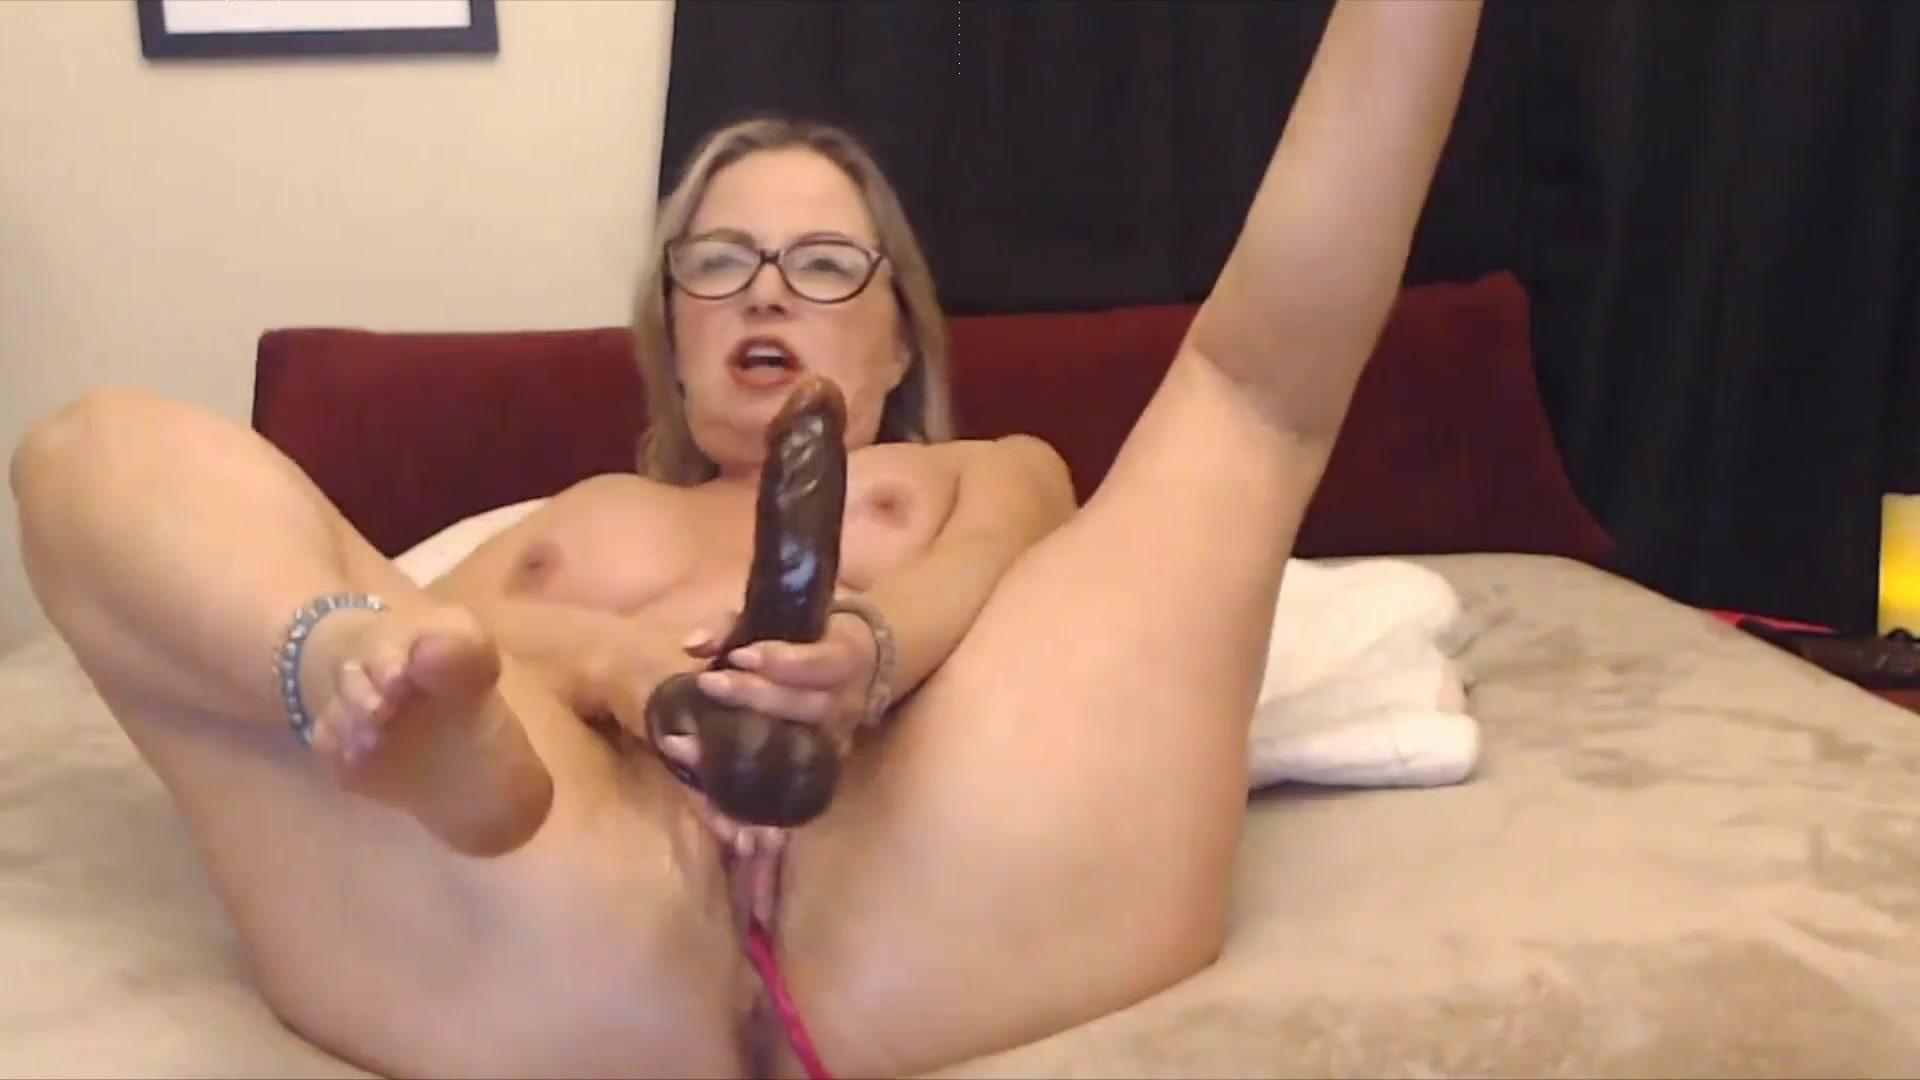 Вставила в пизду и пошла видео, женщина мастурбирует женщину